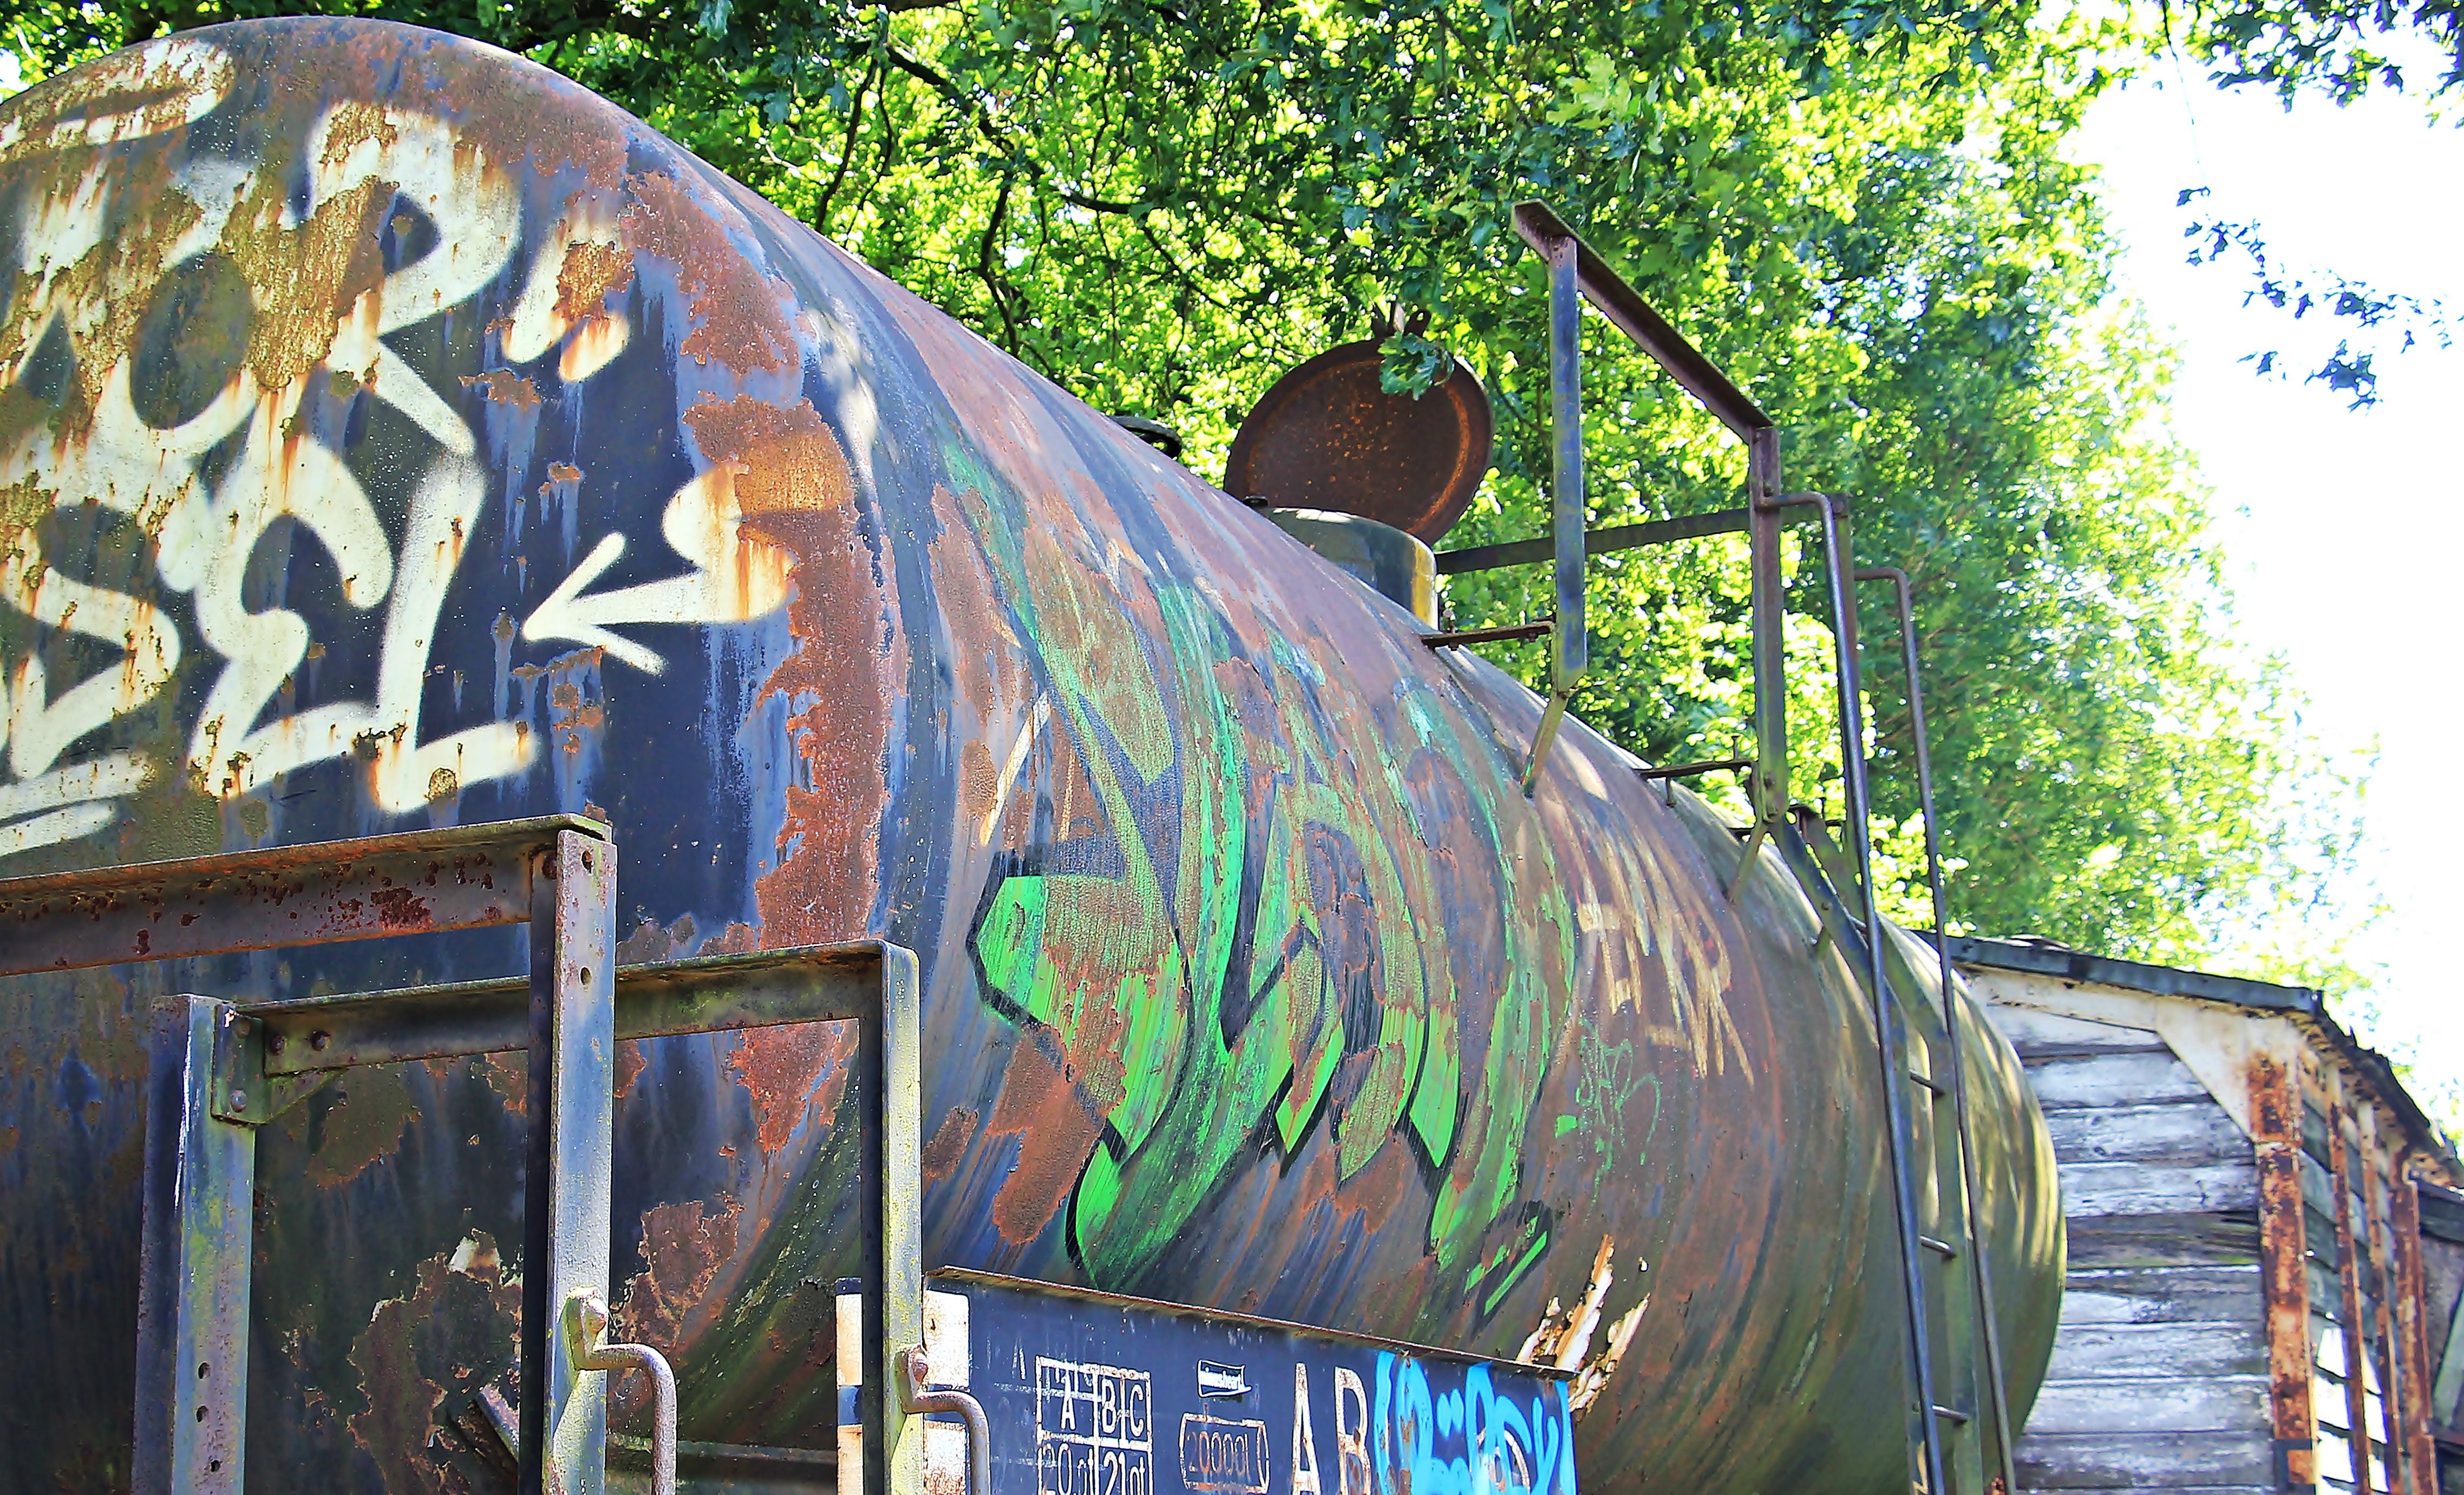 fotos gratis ferrocarril vagon antiguo rociar roto decaer cementerio vistoso pintada resistido art mural ruina descartado obsoleto